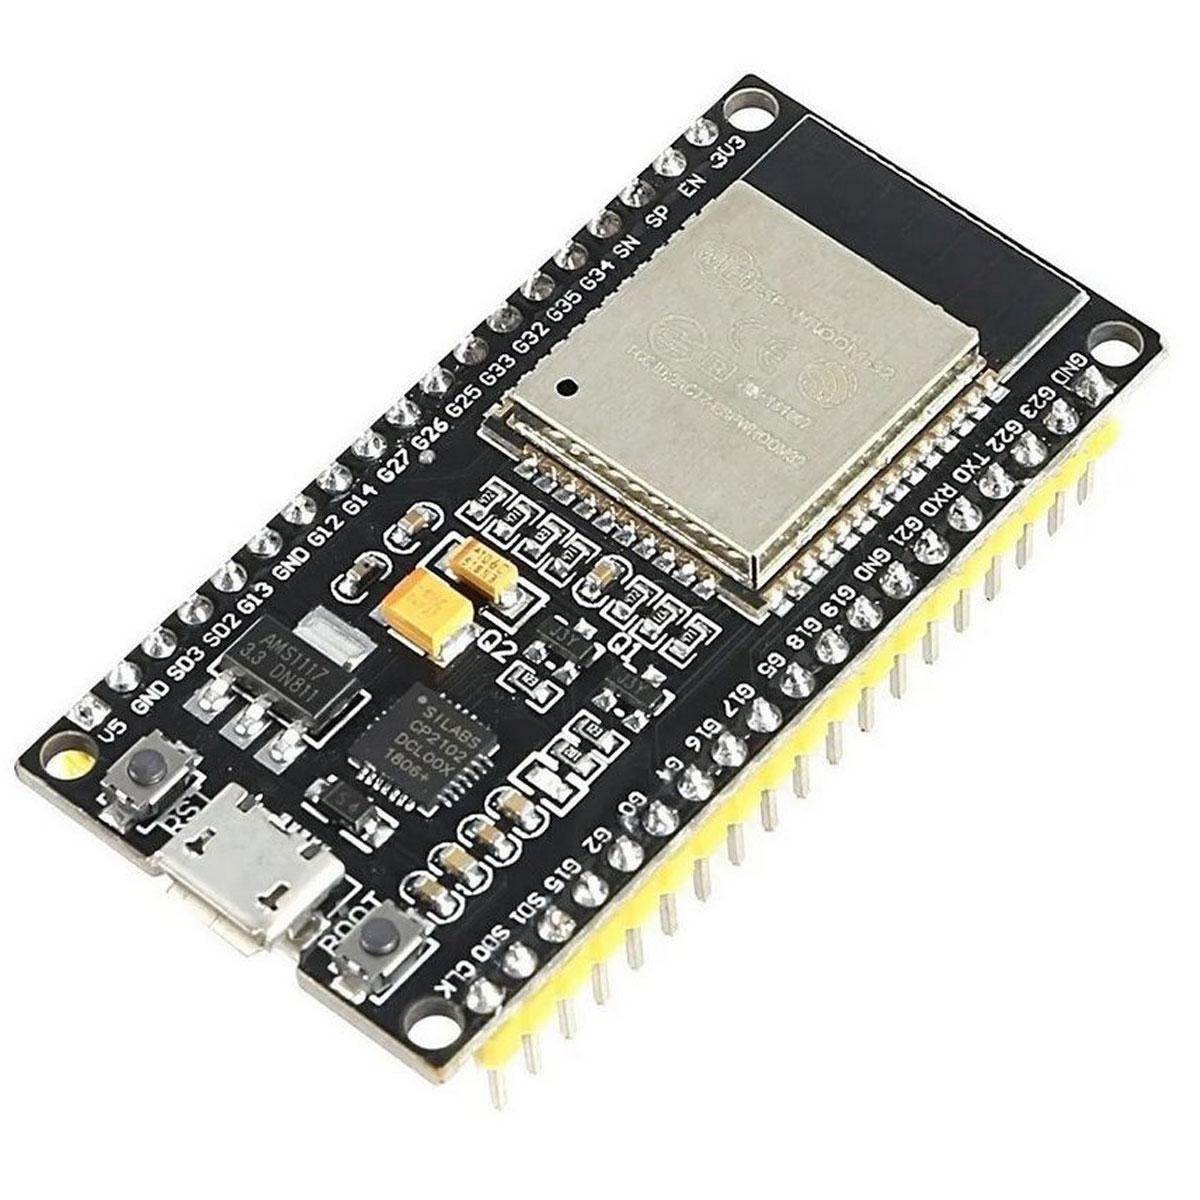 Placa NodeMCU ESP32S Iot com WiFi e Bluetooth - 38 Pinos